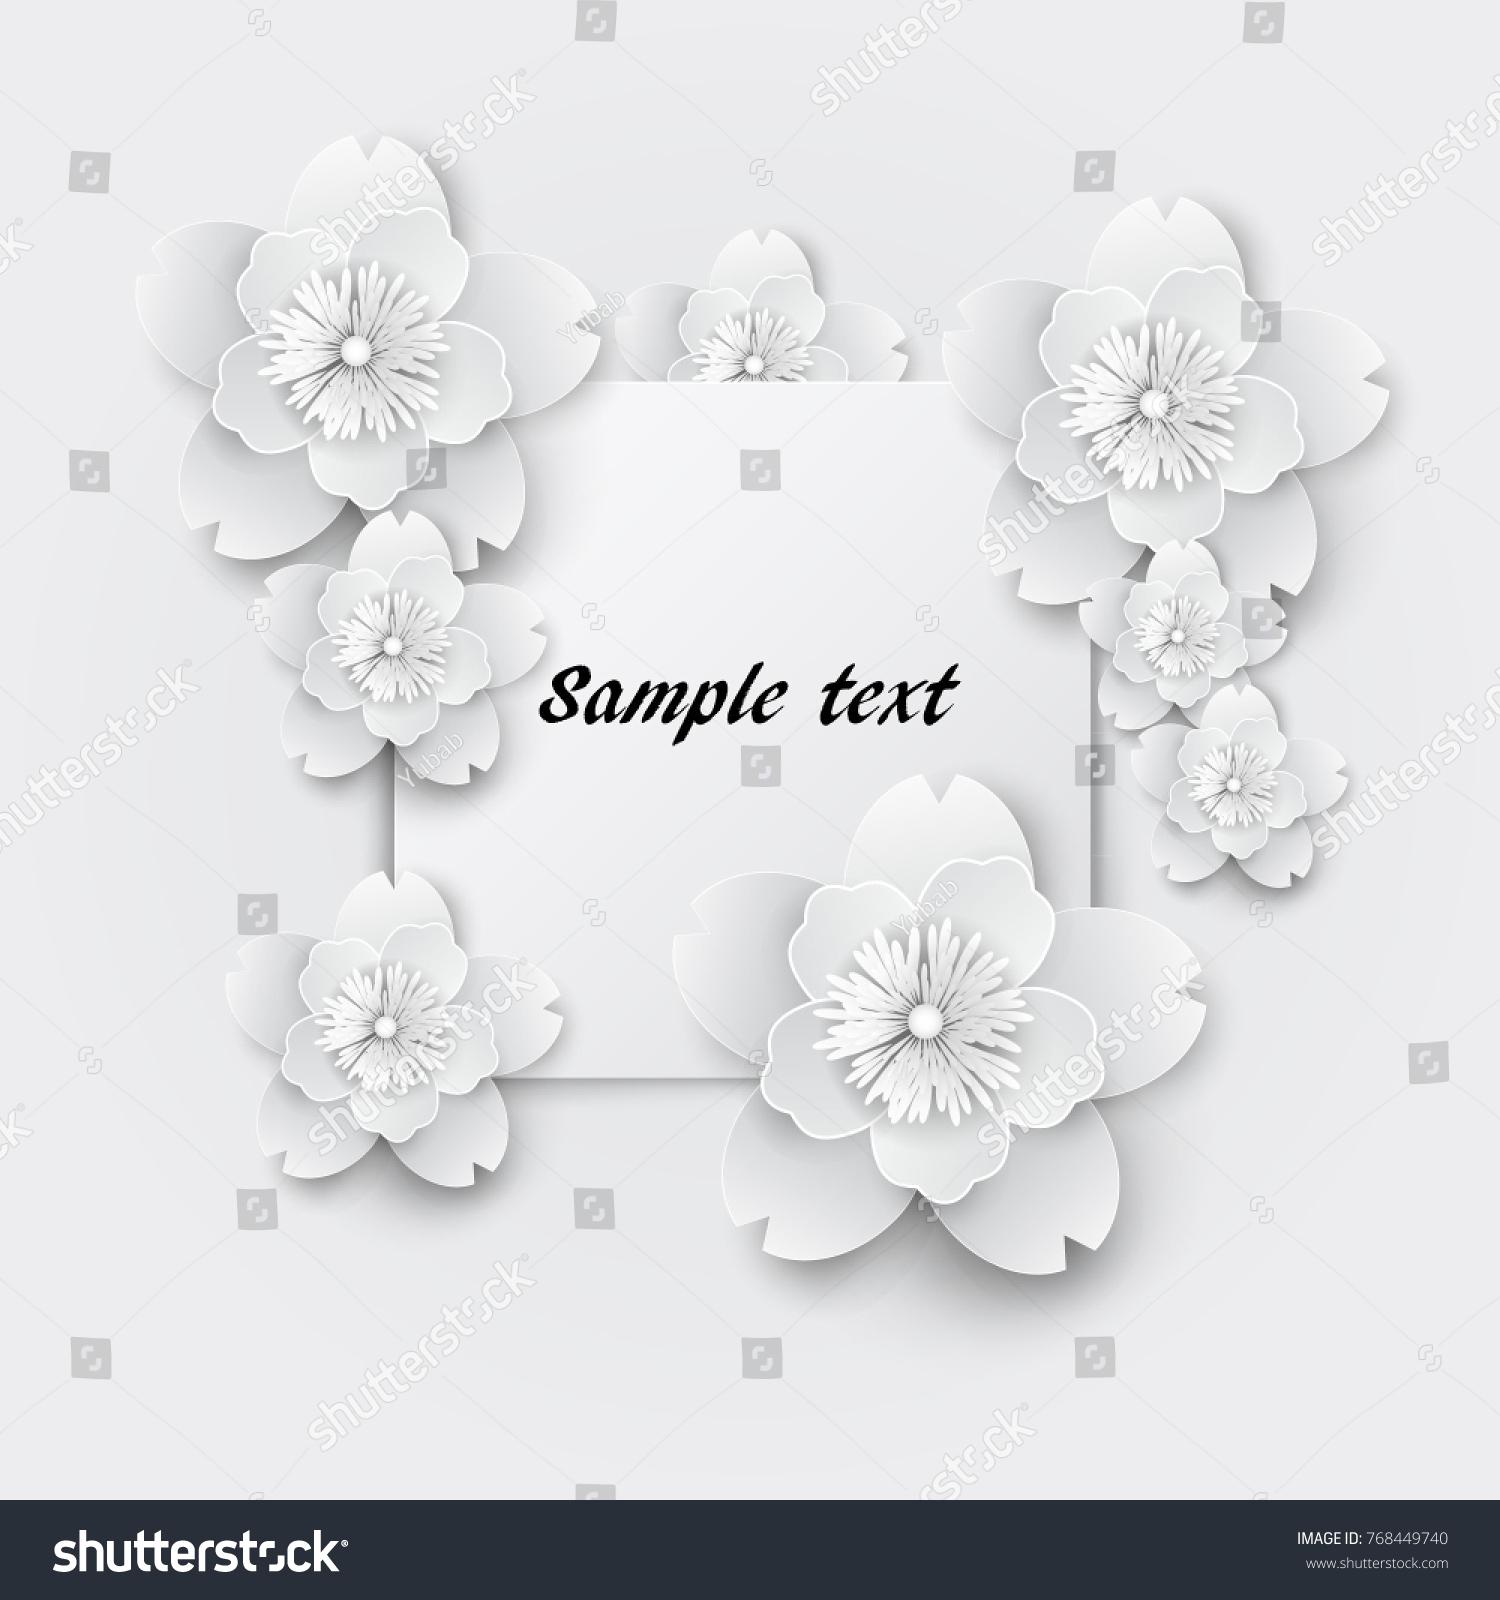 Paper Art Flowers Background Paper Cut Vector Stock Ez Canvas